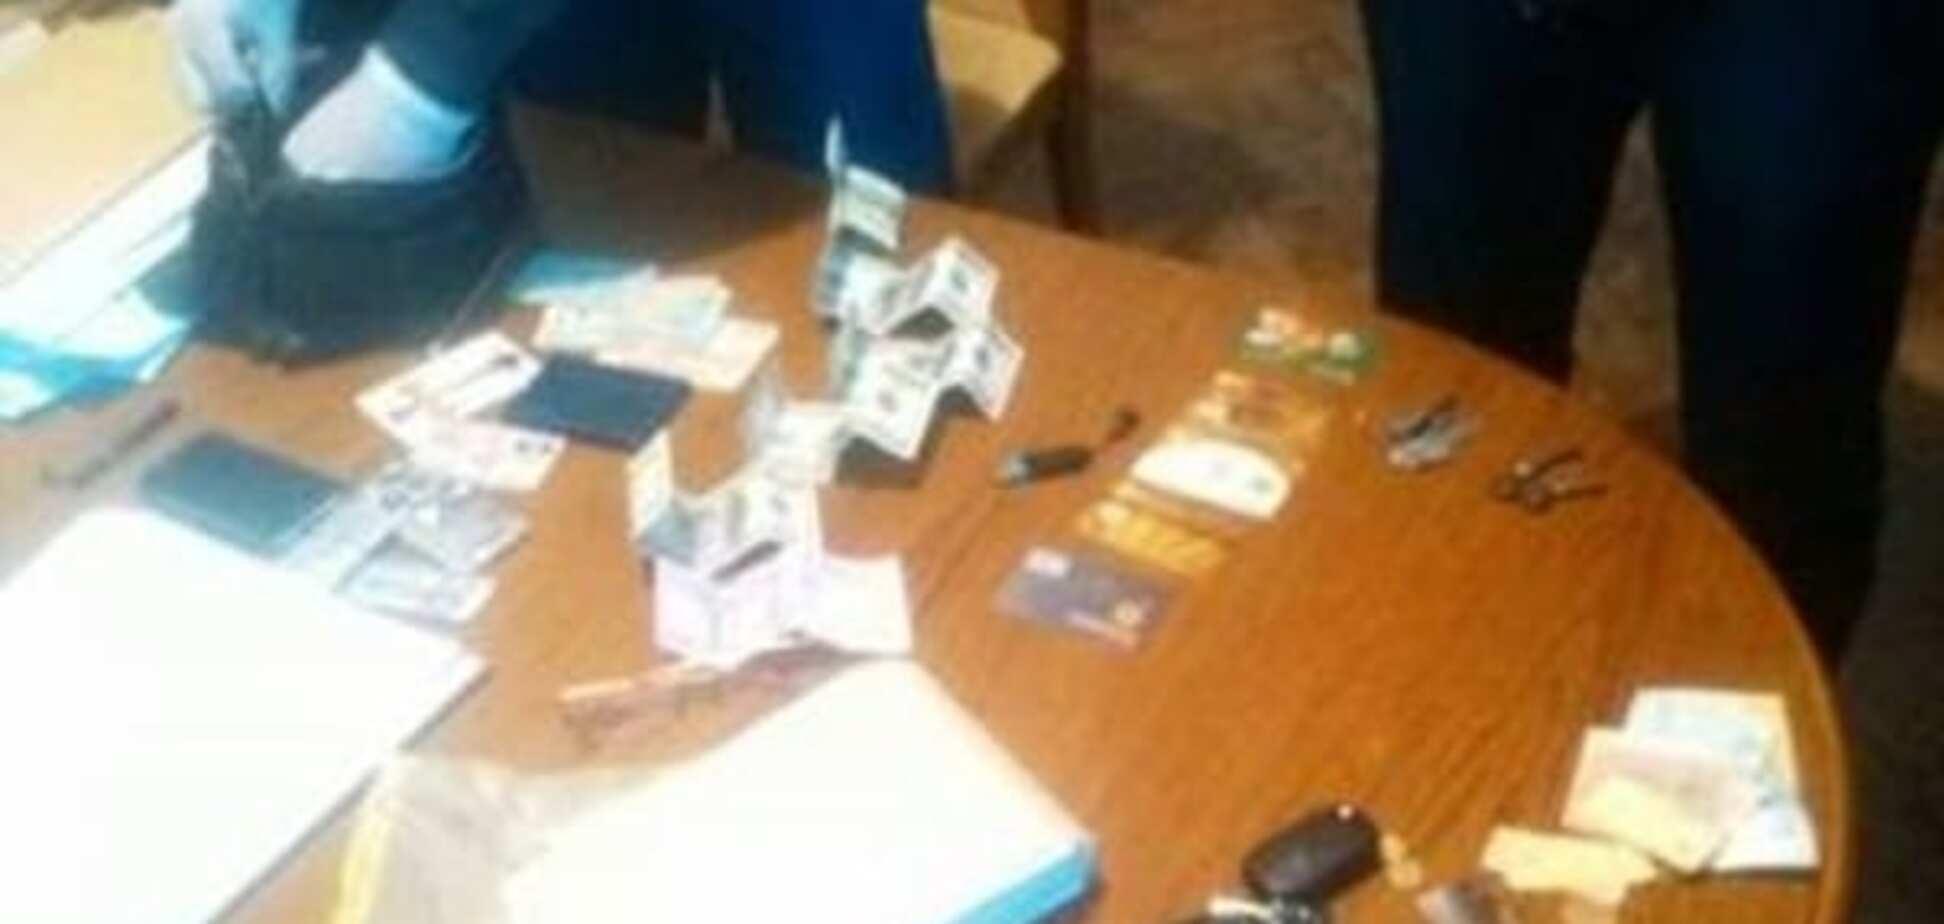 'Досудился': на Львовщине судья попался на взятке $1500